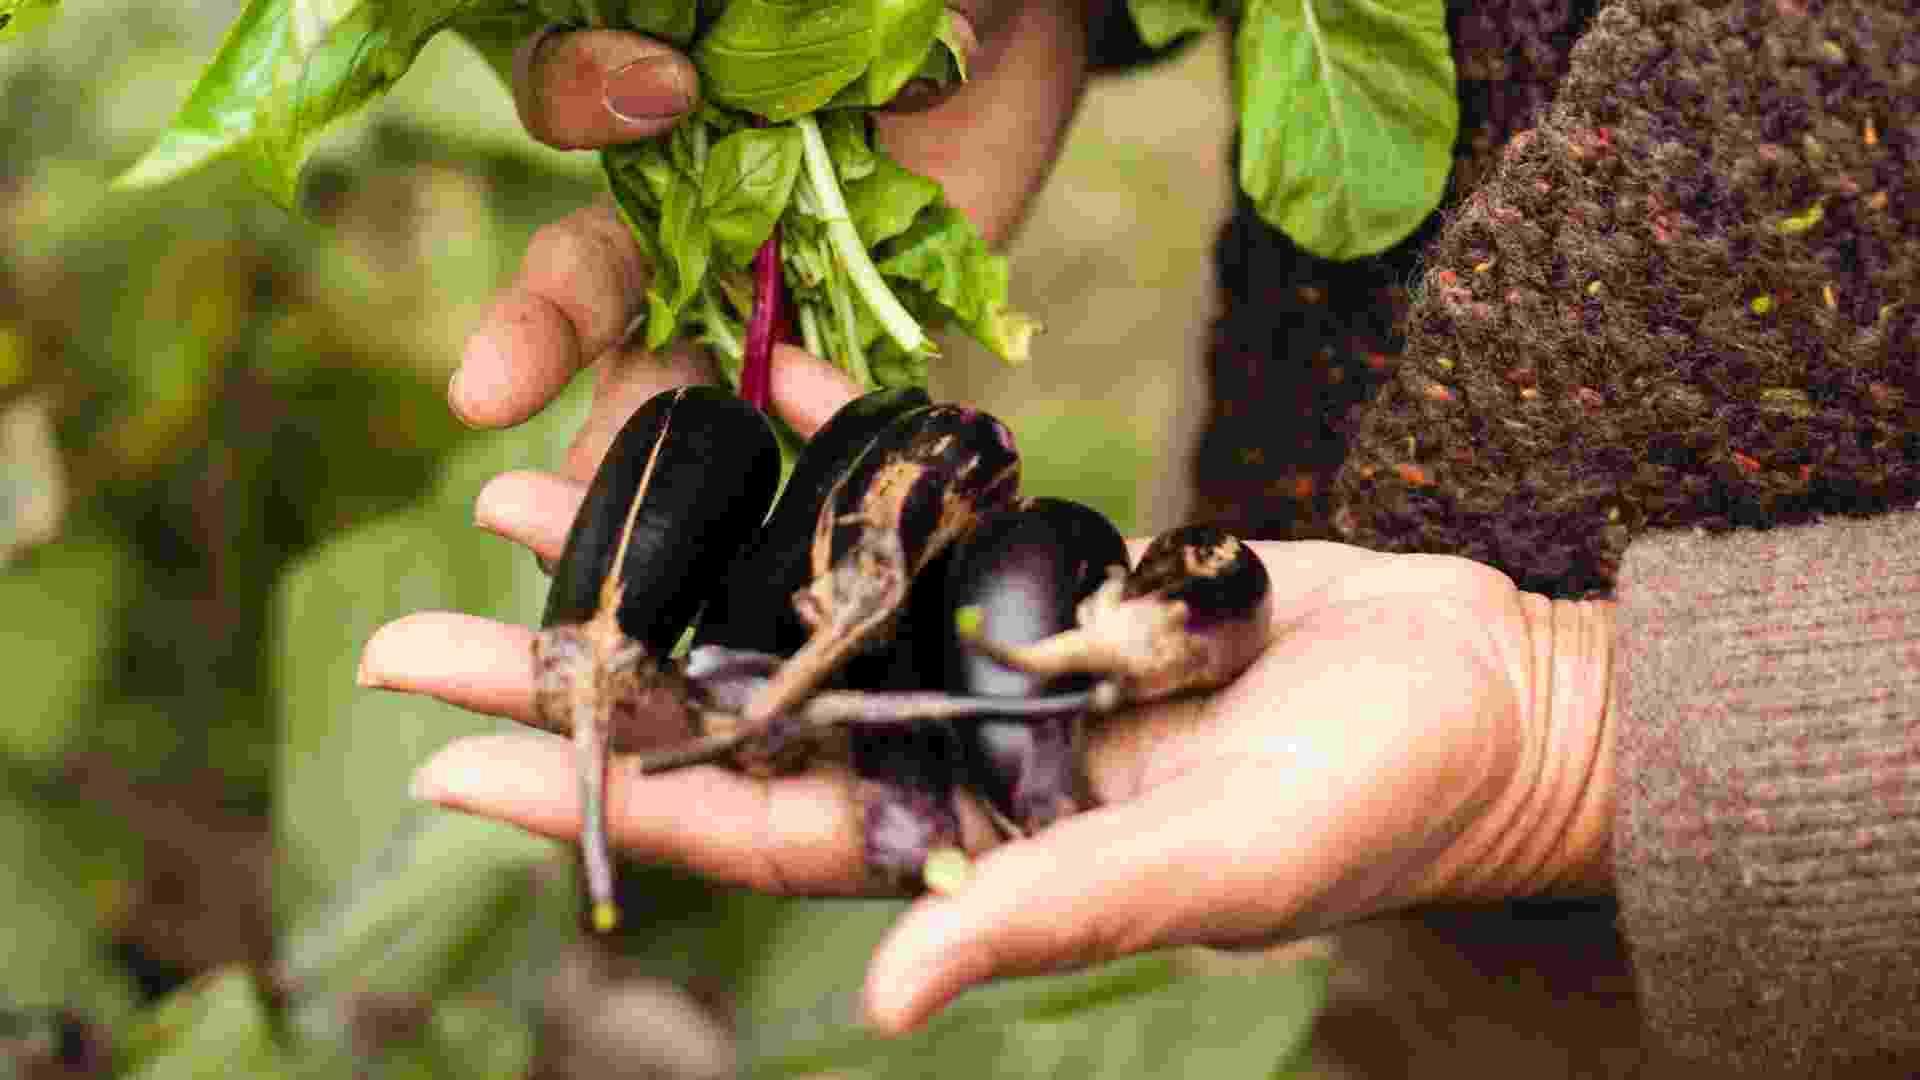 No jardim T&T são cultivadas 15 variedades de berinjelas que podem ser colhidas em diferentes meses do ano. Uma delas, plantada por um dos vizinhos da horta, é originária do Japão (Imagem do NYT, usar apenas no respectivo material) - Robert Wright/ The New York Times